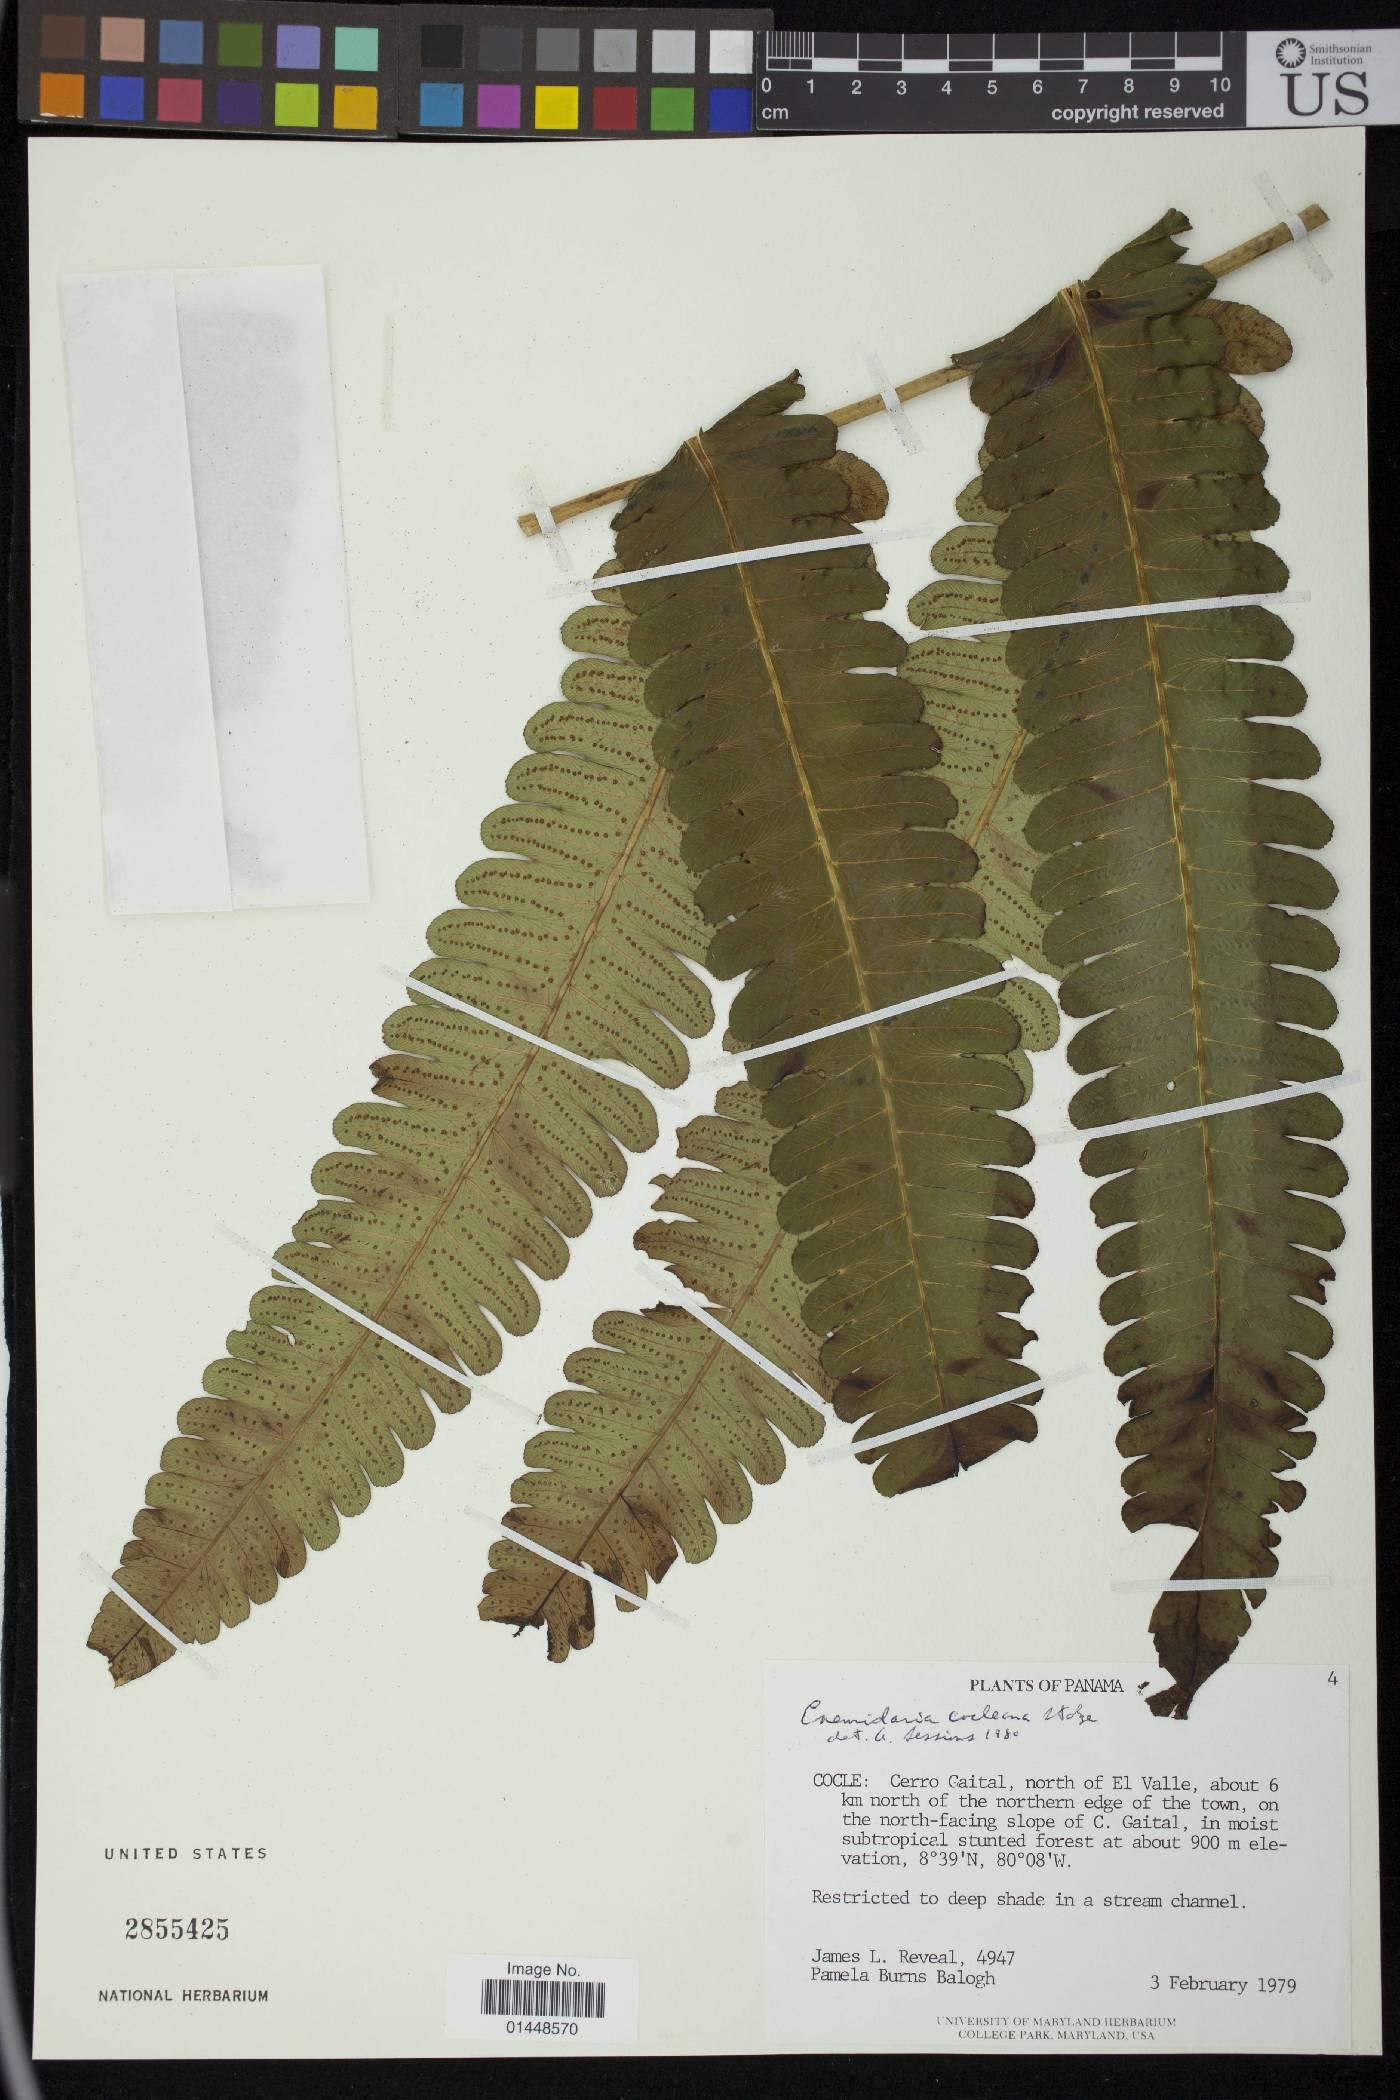 Cnemidaria cocleana image